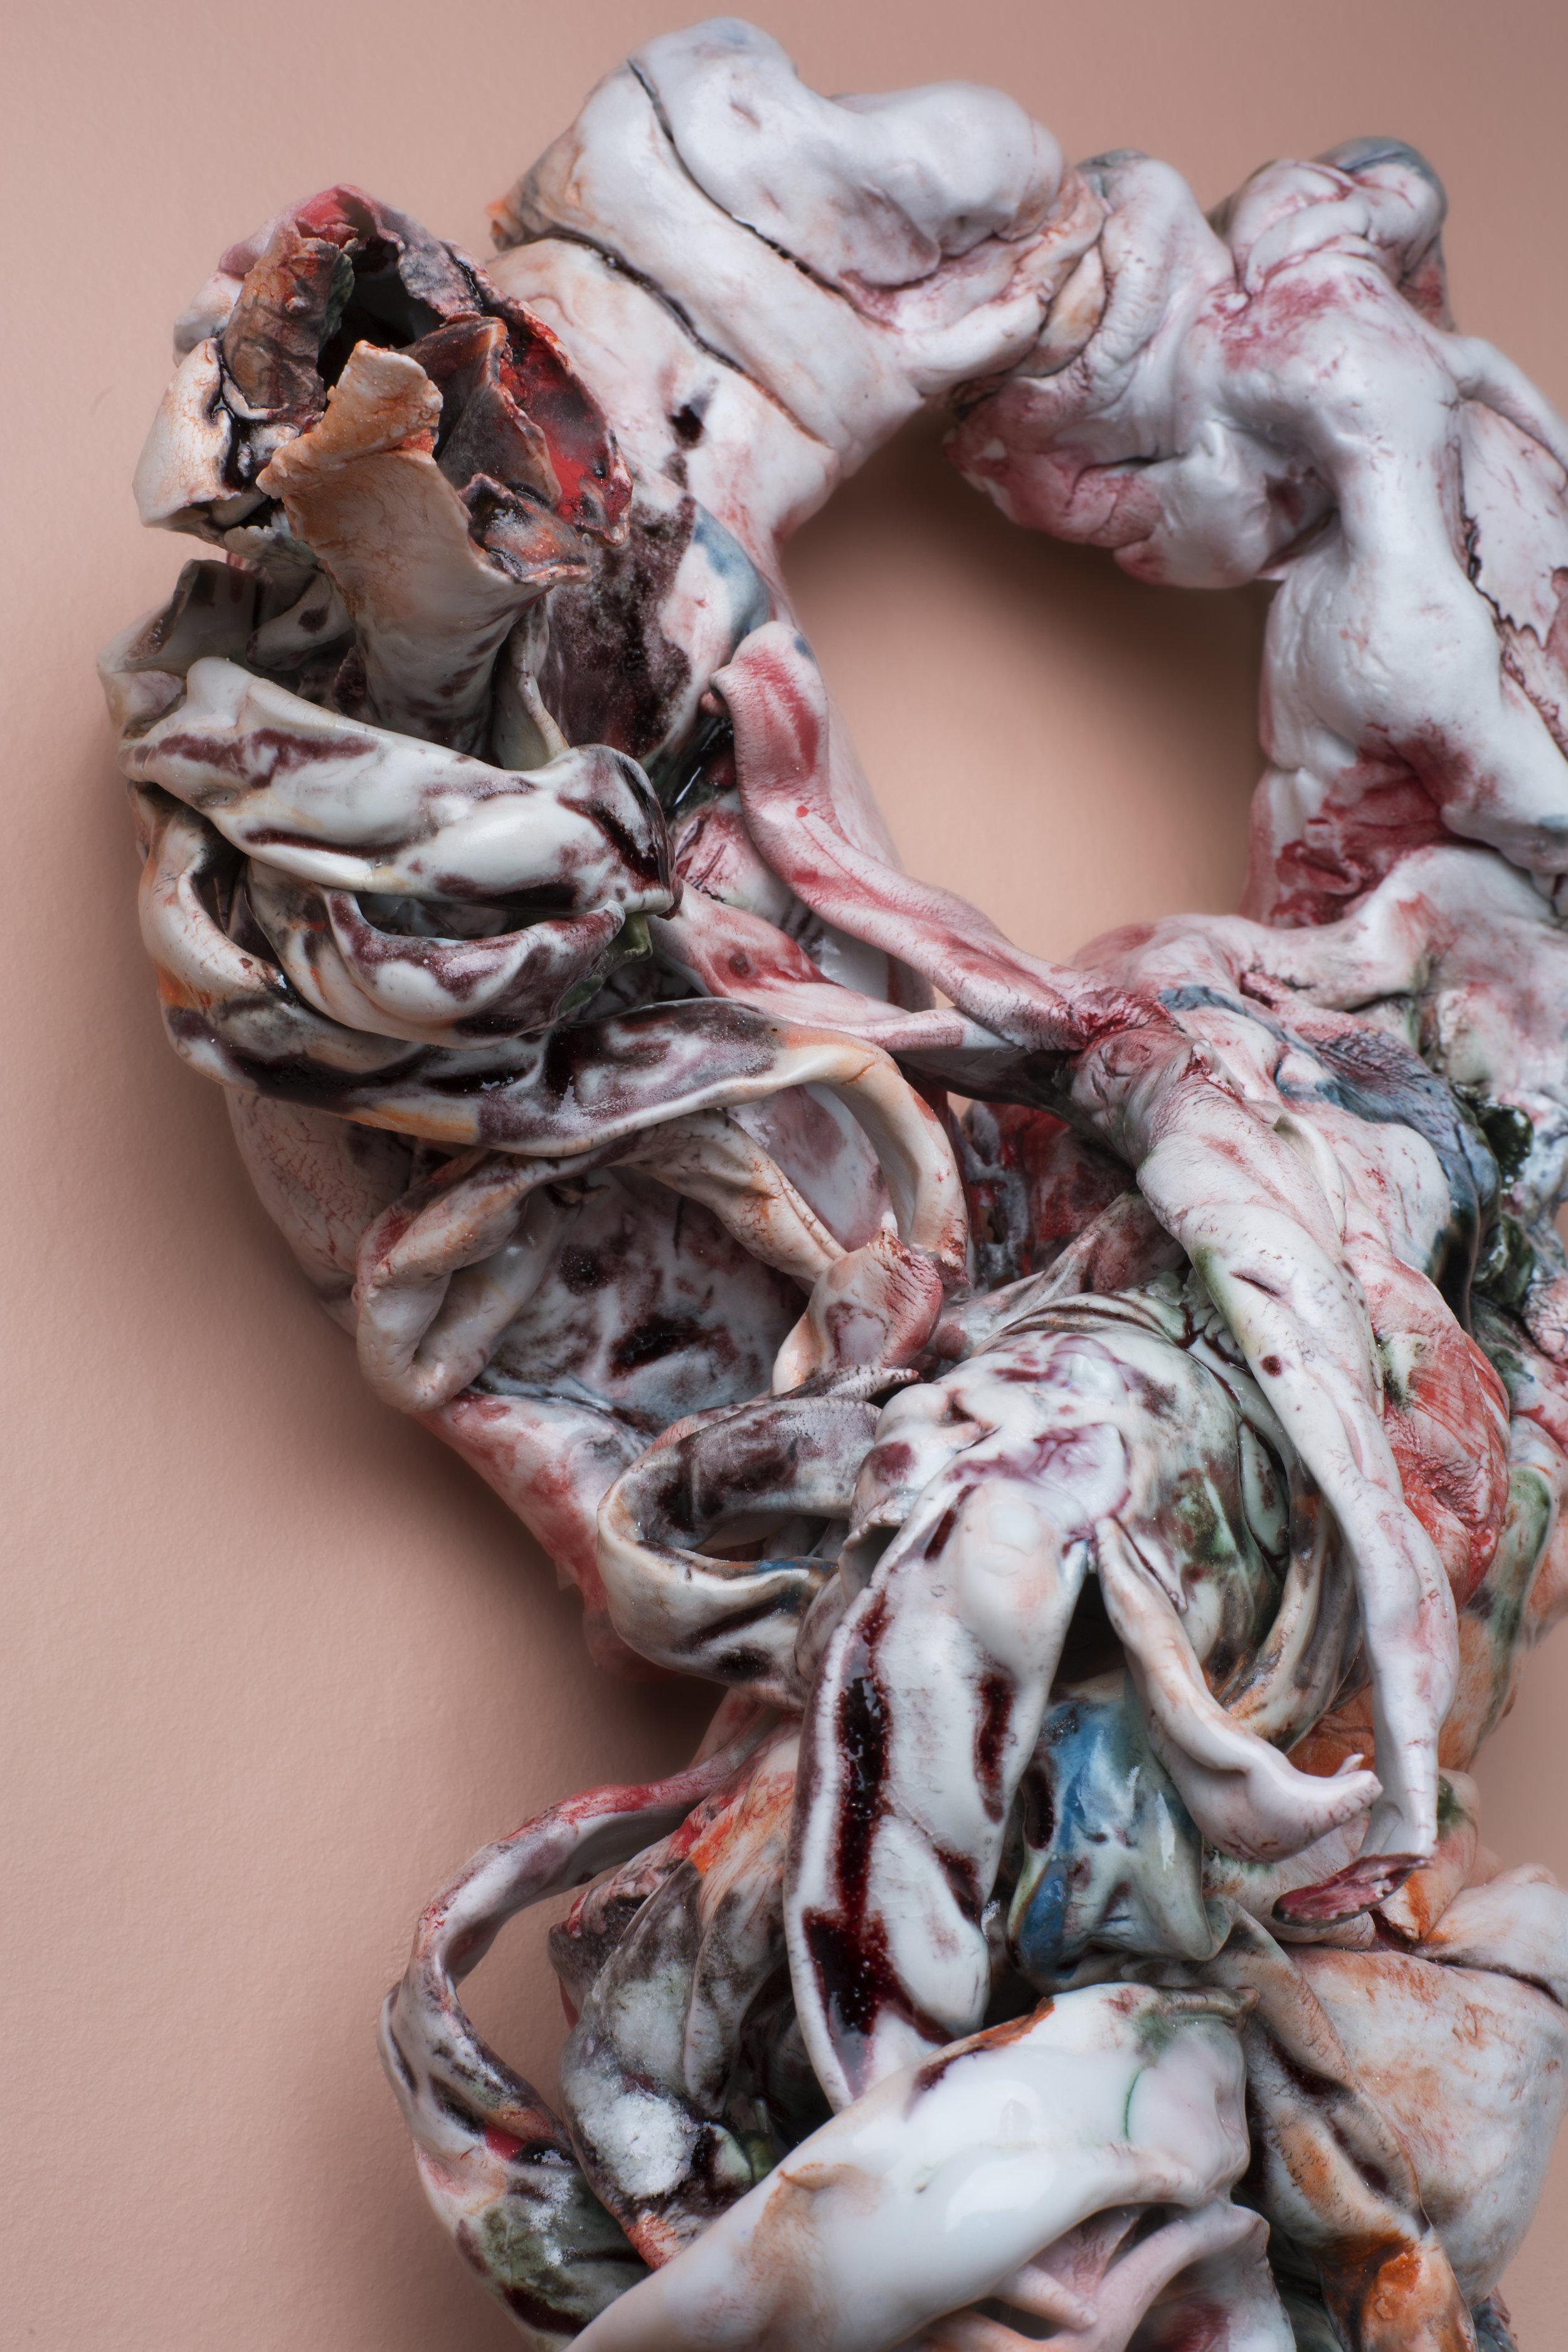 Irene Nordli. Detalj fra  Veggforbindelser  vist på utstillingen Porselensrommet i Galleri Format, Oslo. Foto: Lars Myhren Holand